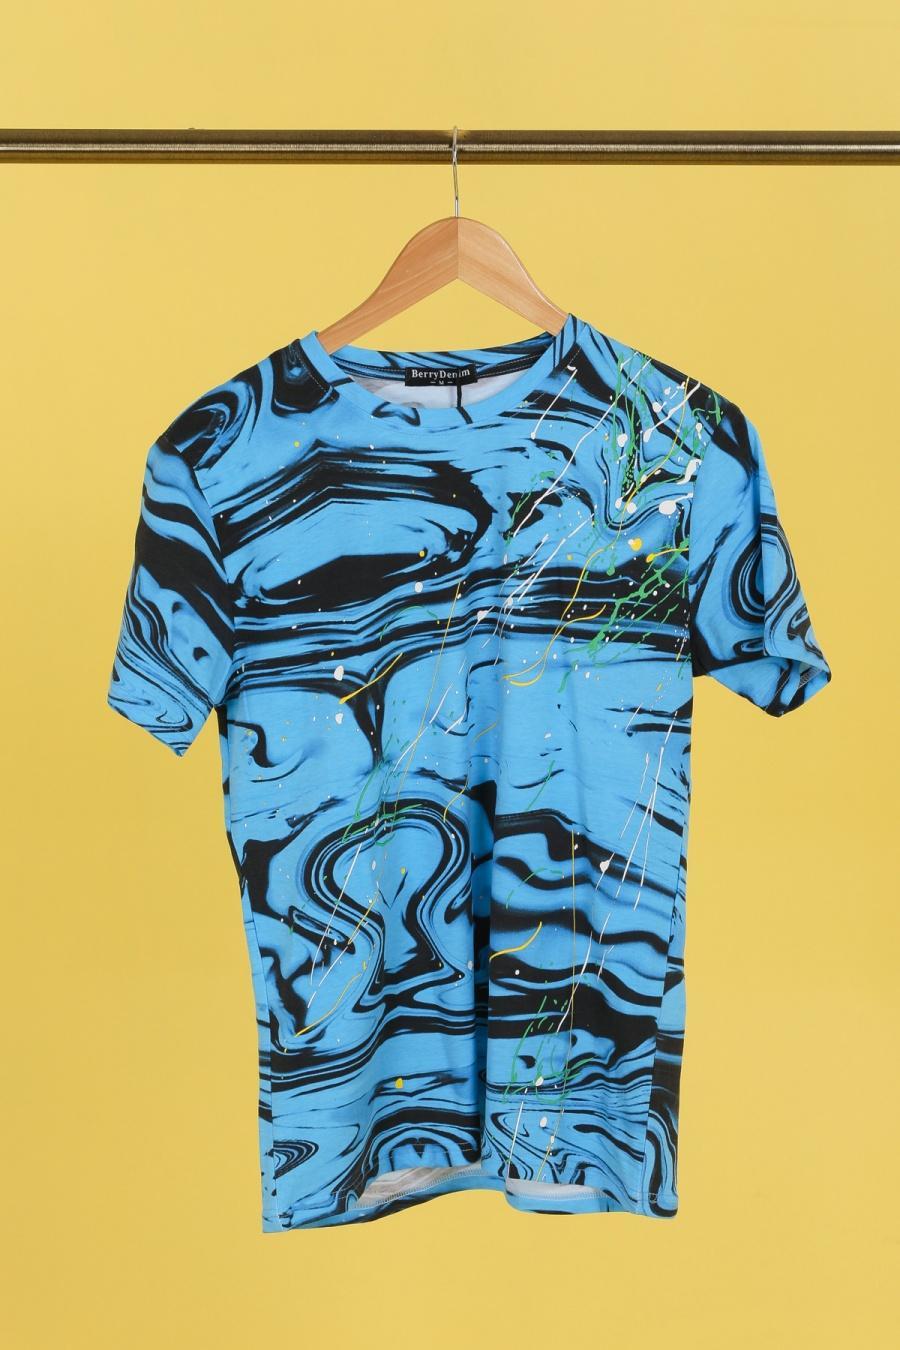 T-shirts Homme Bleu BERRYDENIM BJ025 #c eFashion Paris